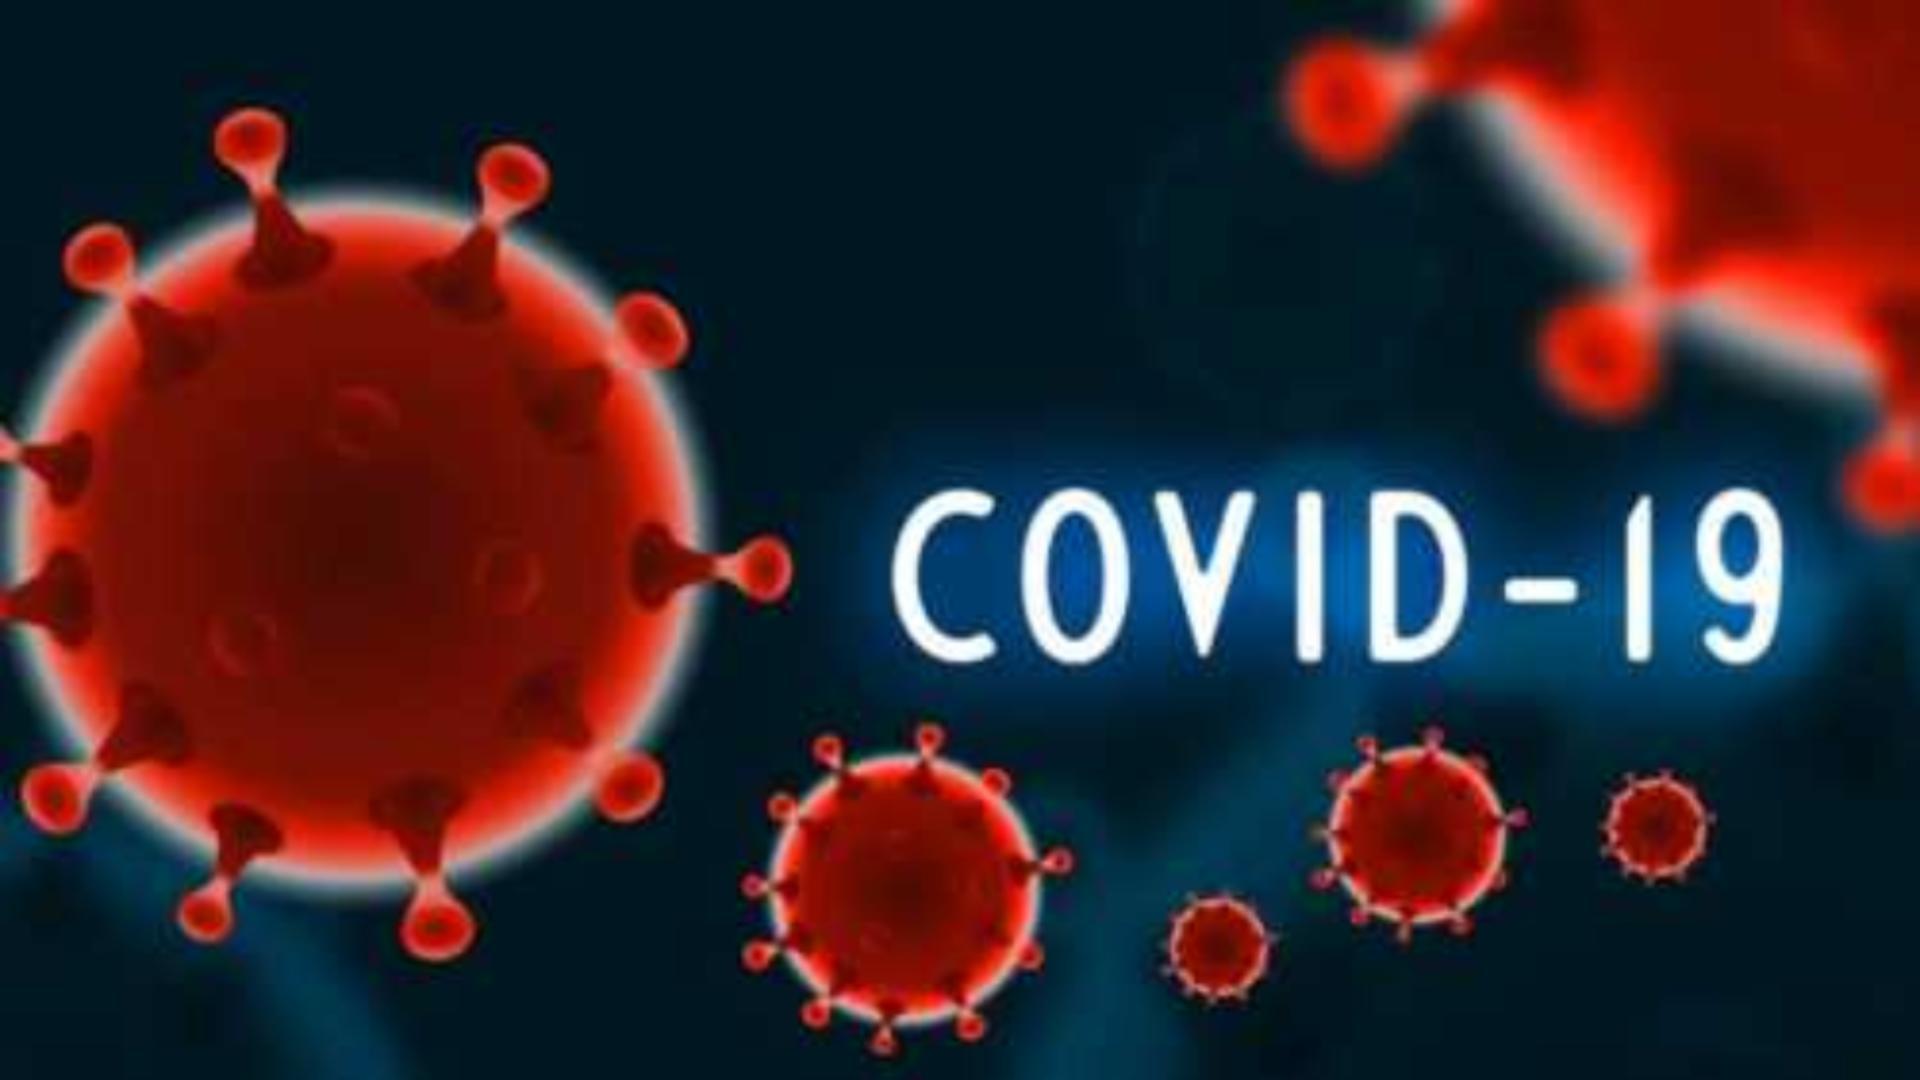 Noi RESTRICȚII anti-Covid într-o localitate de lângă București – La cât a ajuns rata de infectare în Chiajna